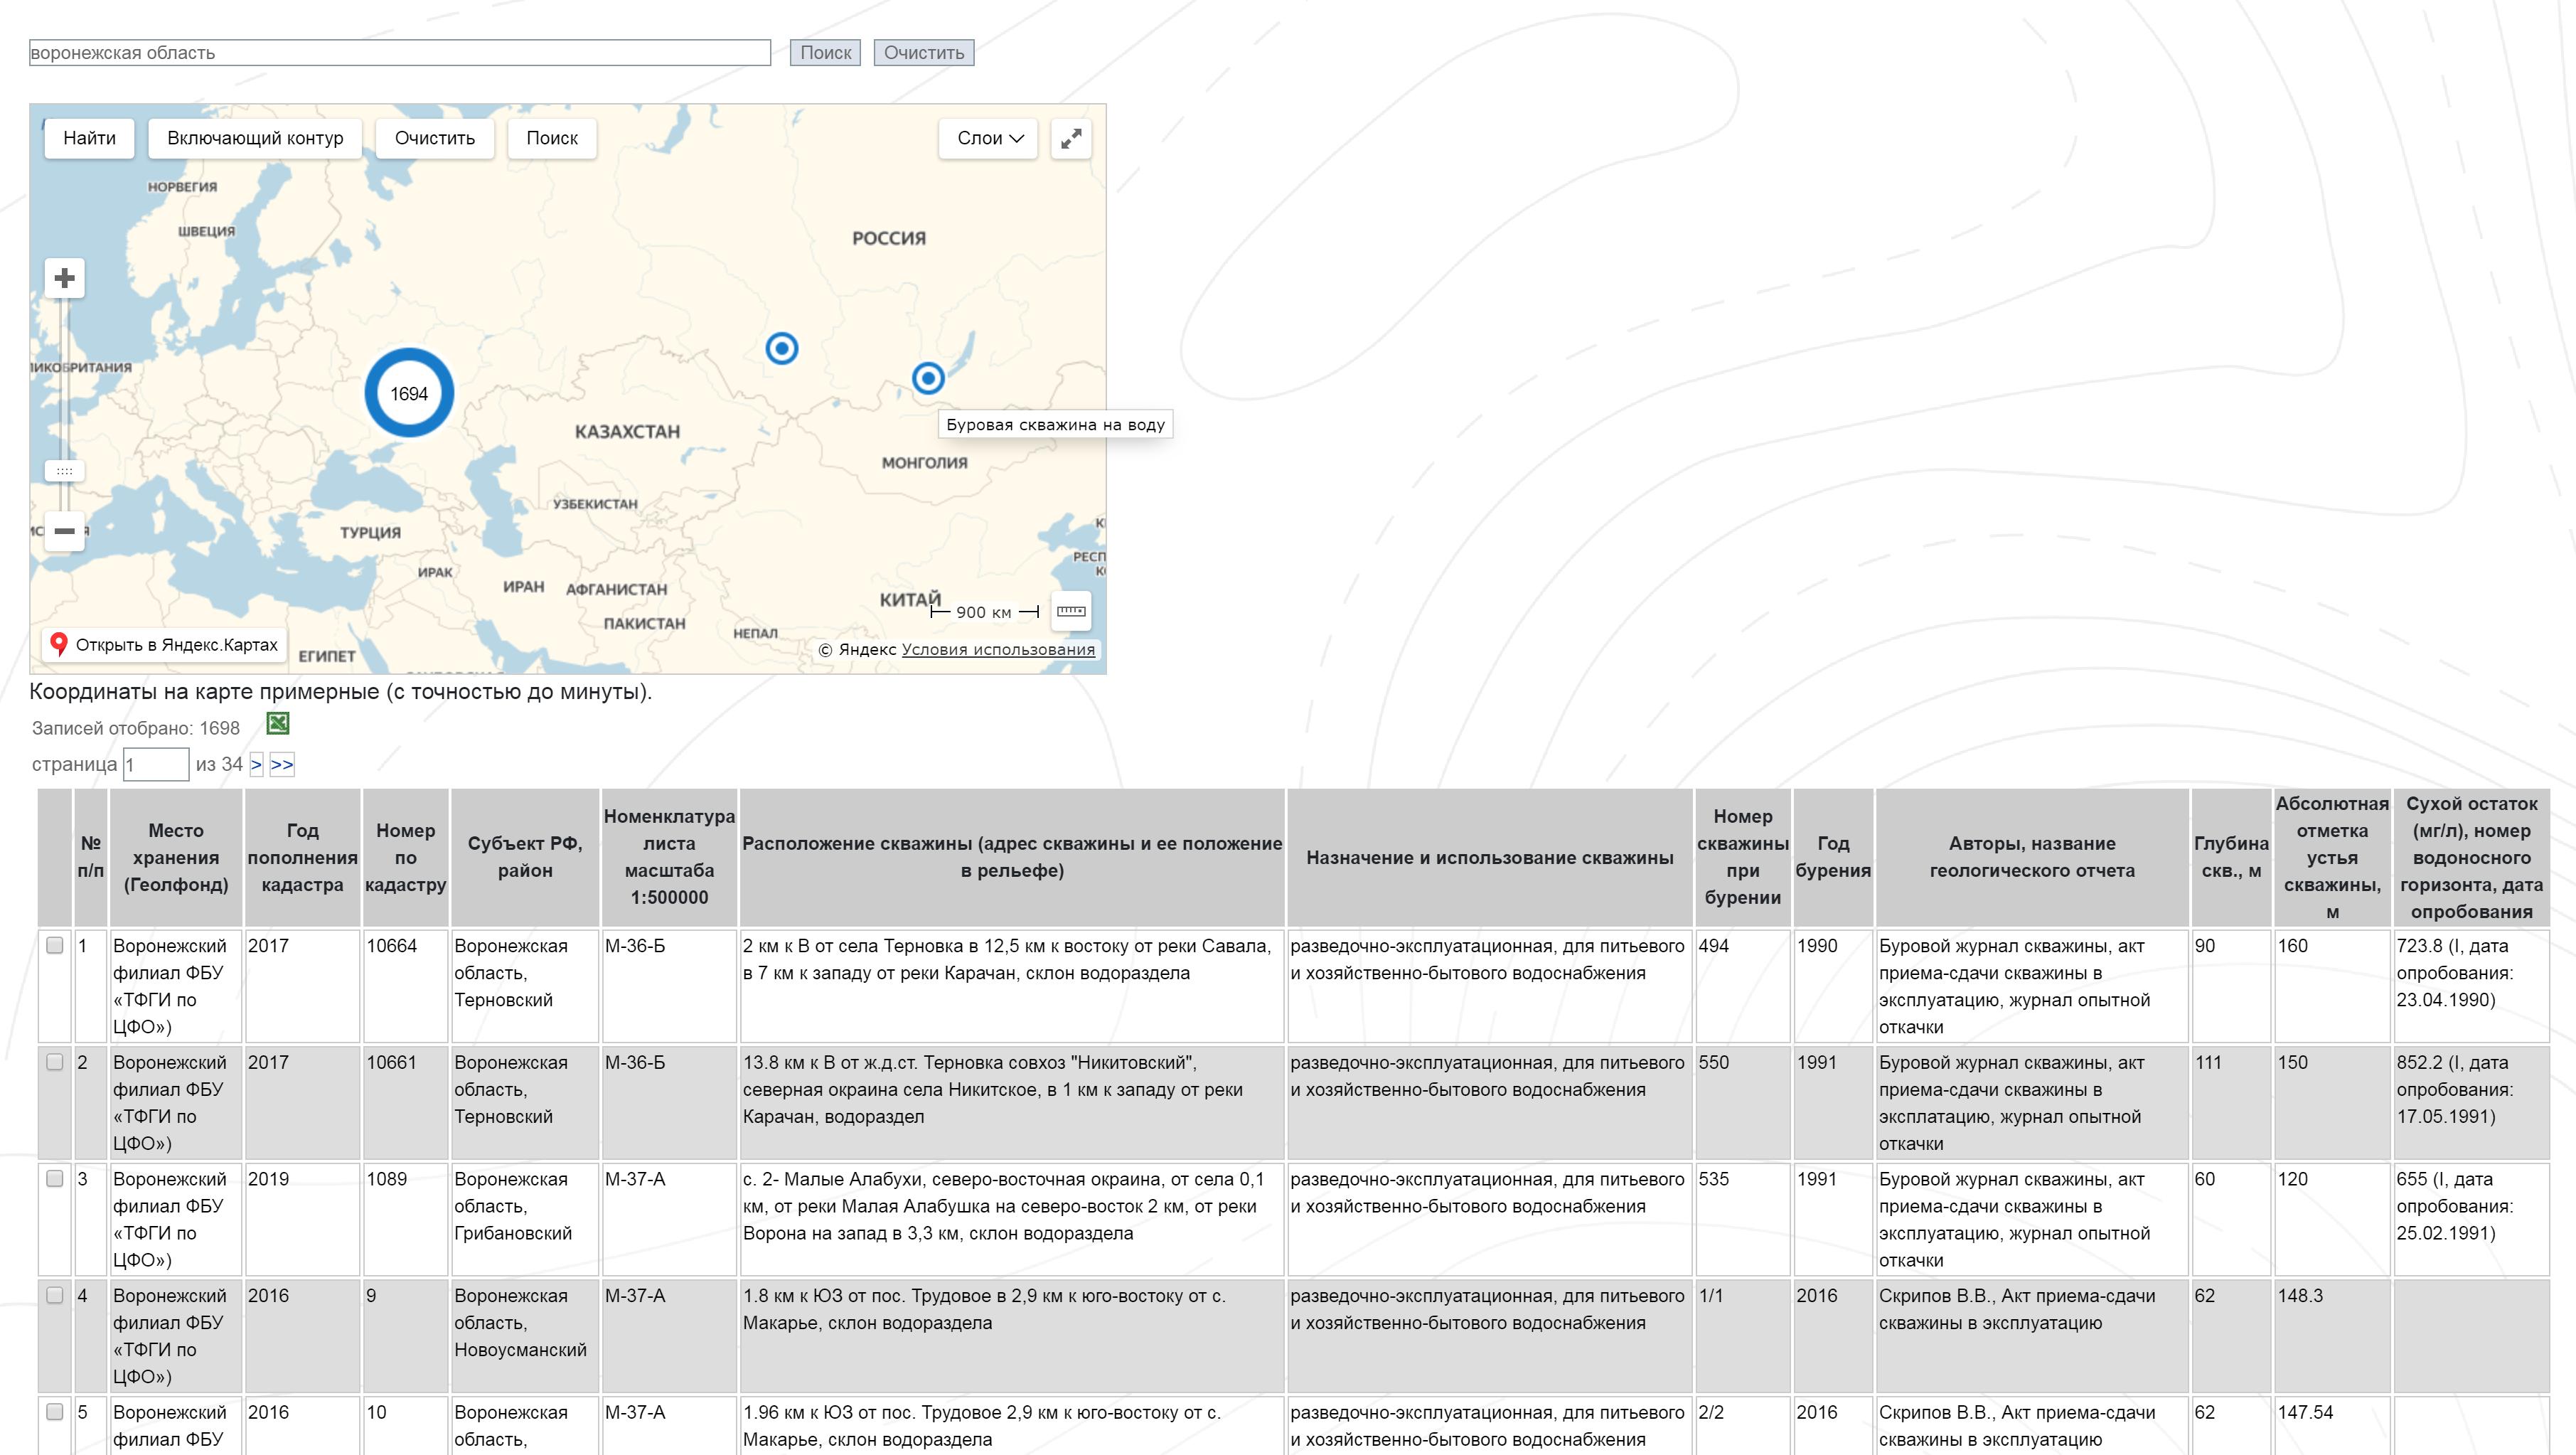 Так выглядят результаты поиска. В выдаче по Воронежской области 1680 результатов, нужно сортировать и уточнять